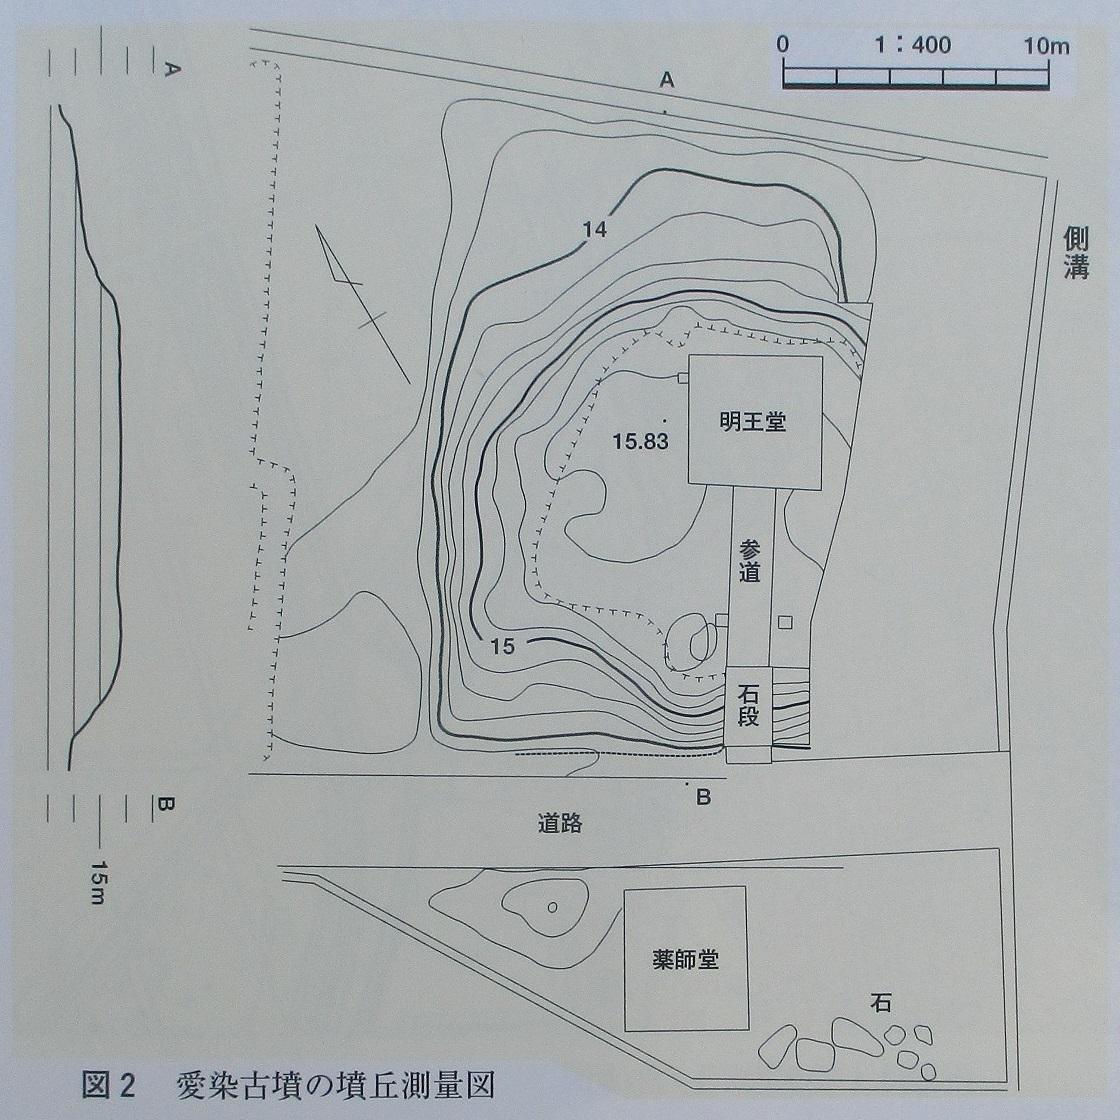 2020.6.29 (11) 新編あんじょう市史 - 愛染古墳の墳丘測量図 1120-1120